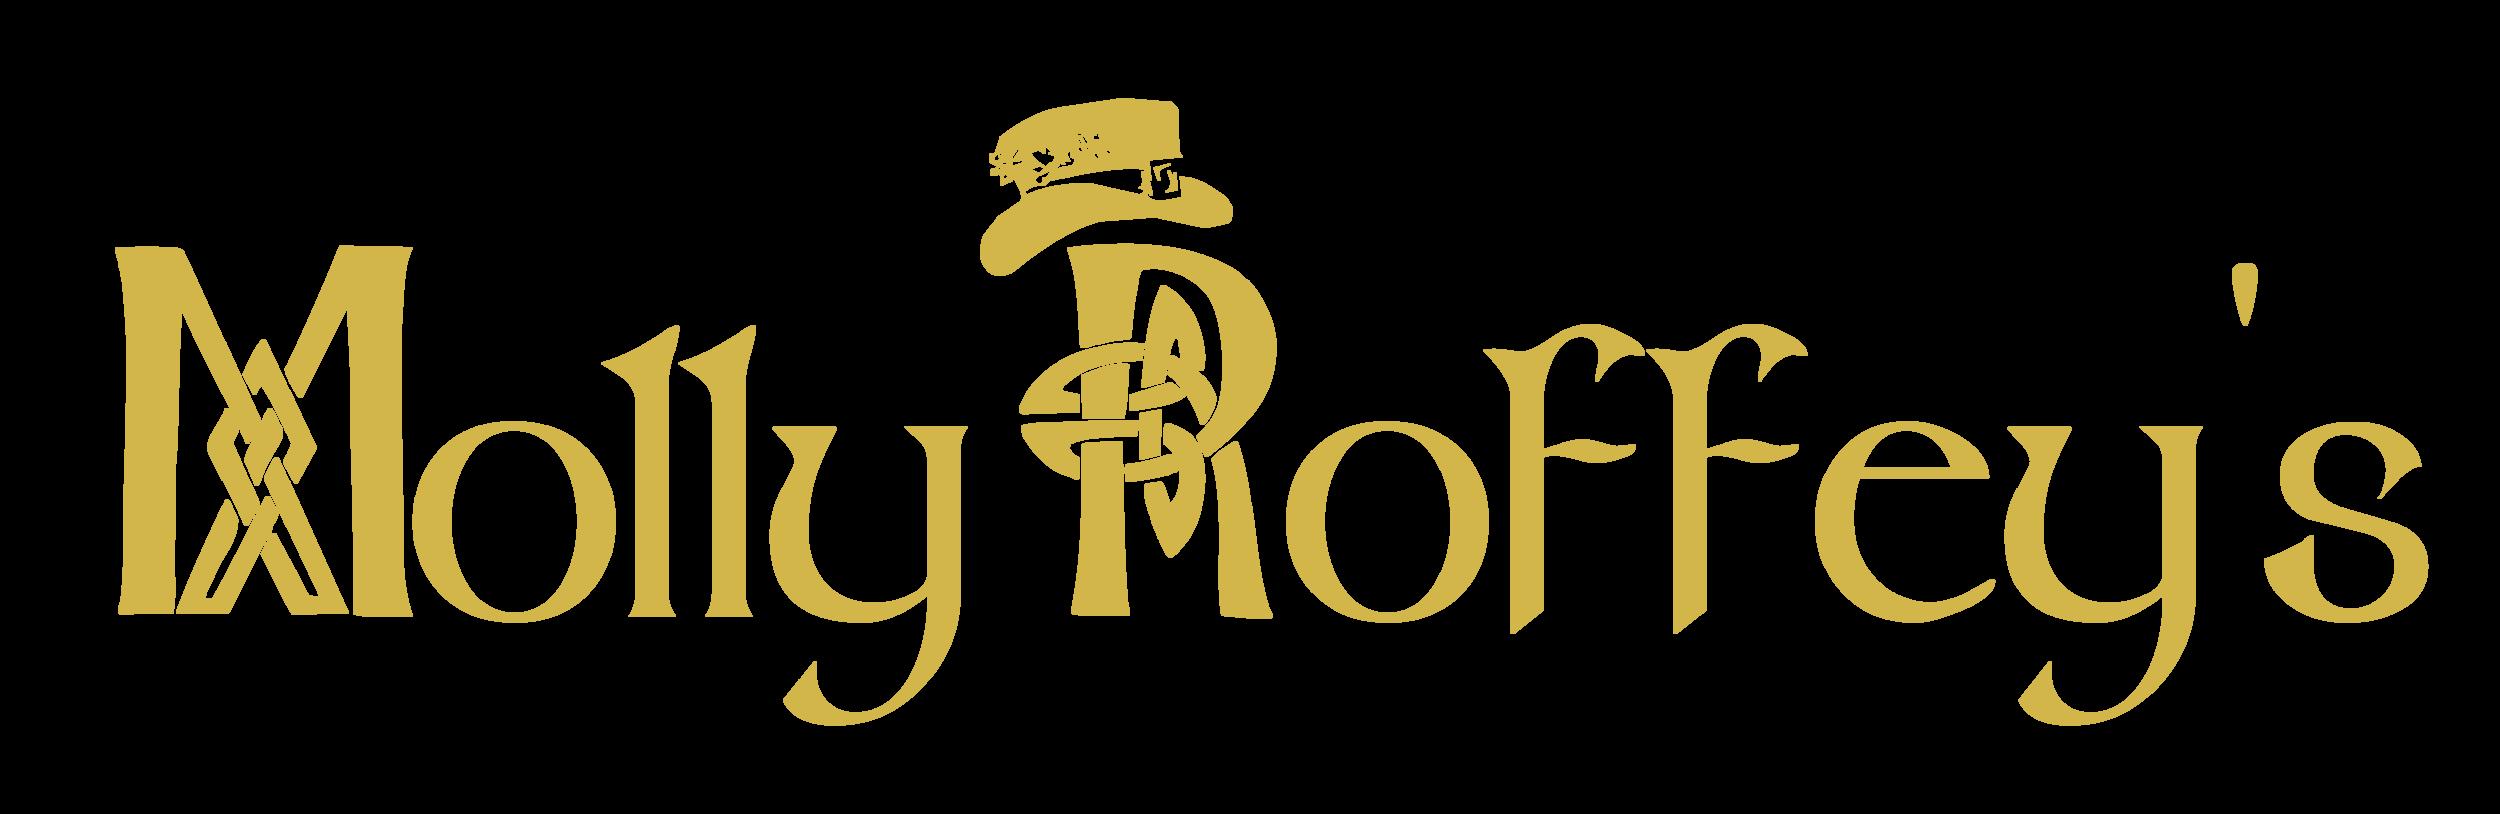 mollyroffeys-logo.png